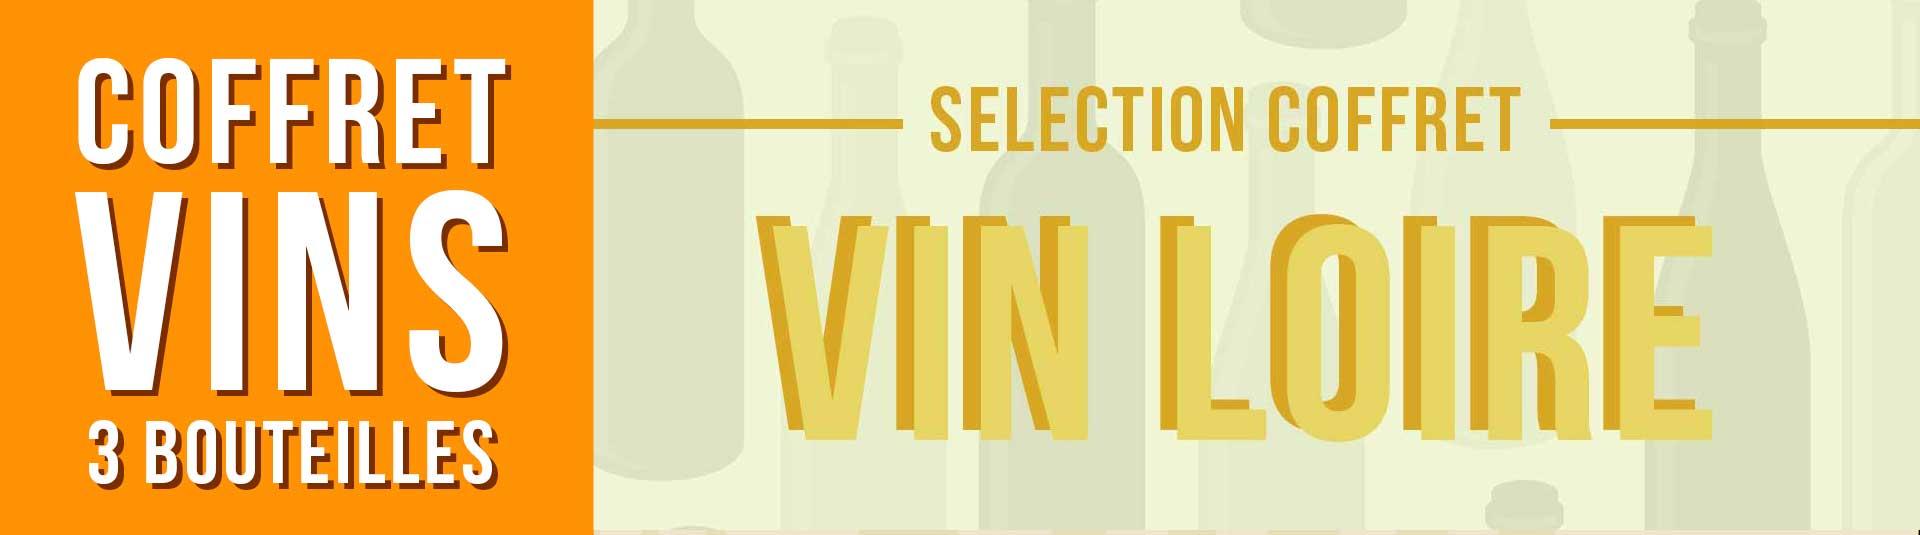 Coffret vin Loire Sélection 3 bouteilles